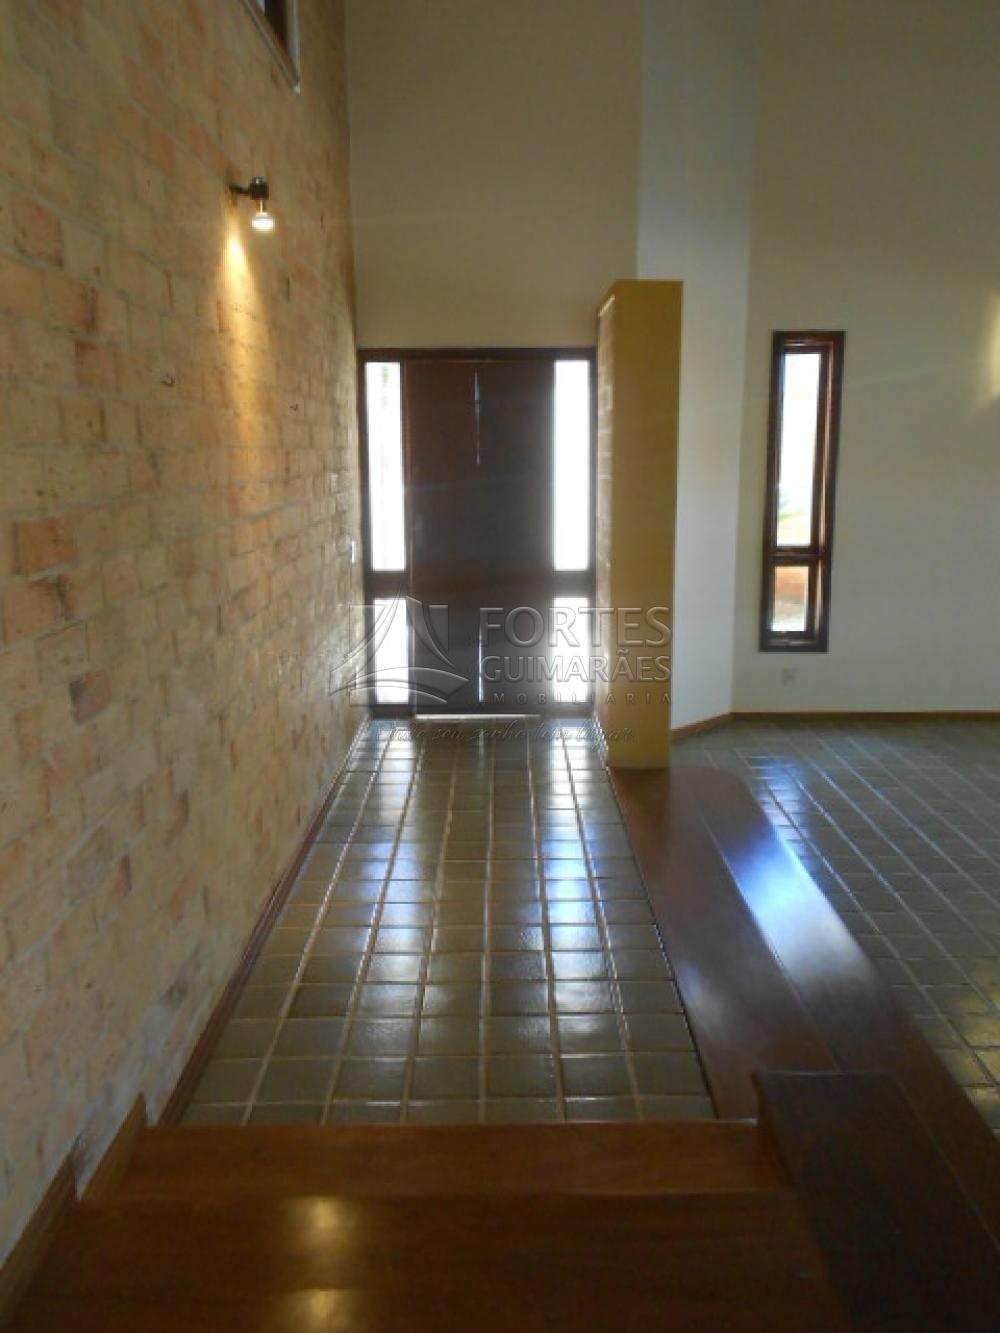 Alugar Casas / Padrão em Ribeirão Preto apenas R$ 6.000,00 - Foto 13